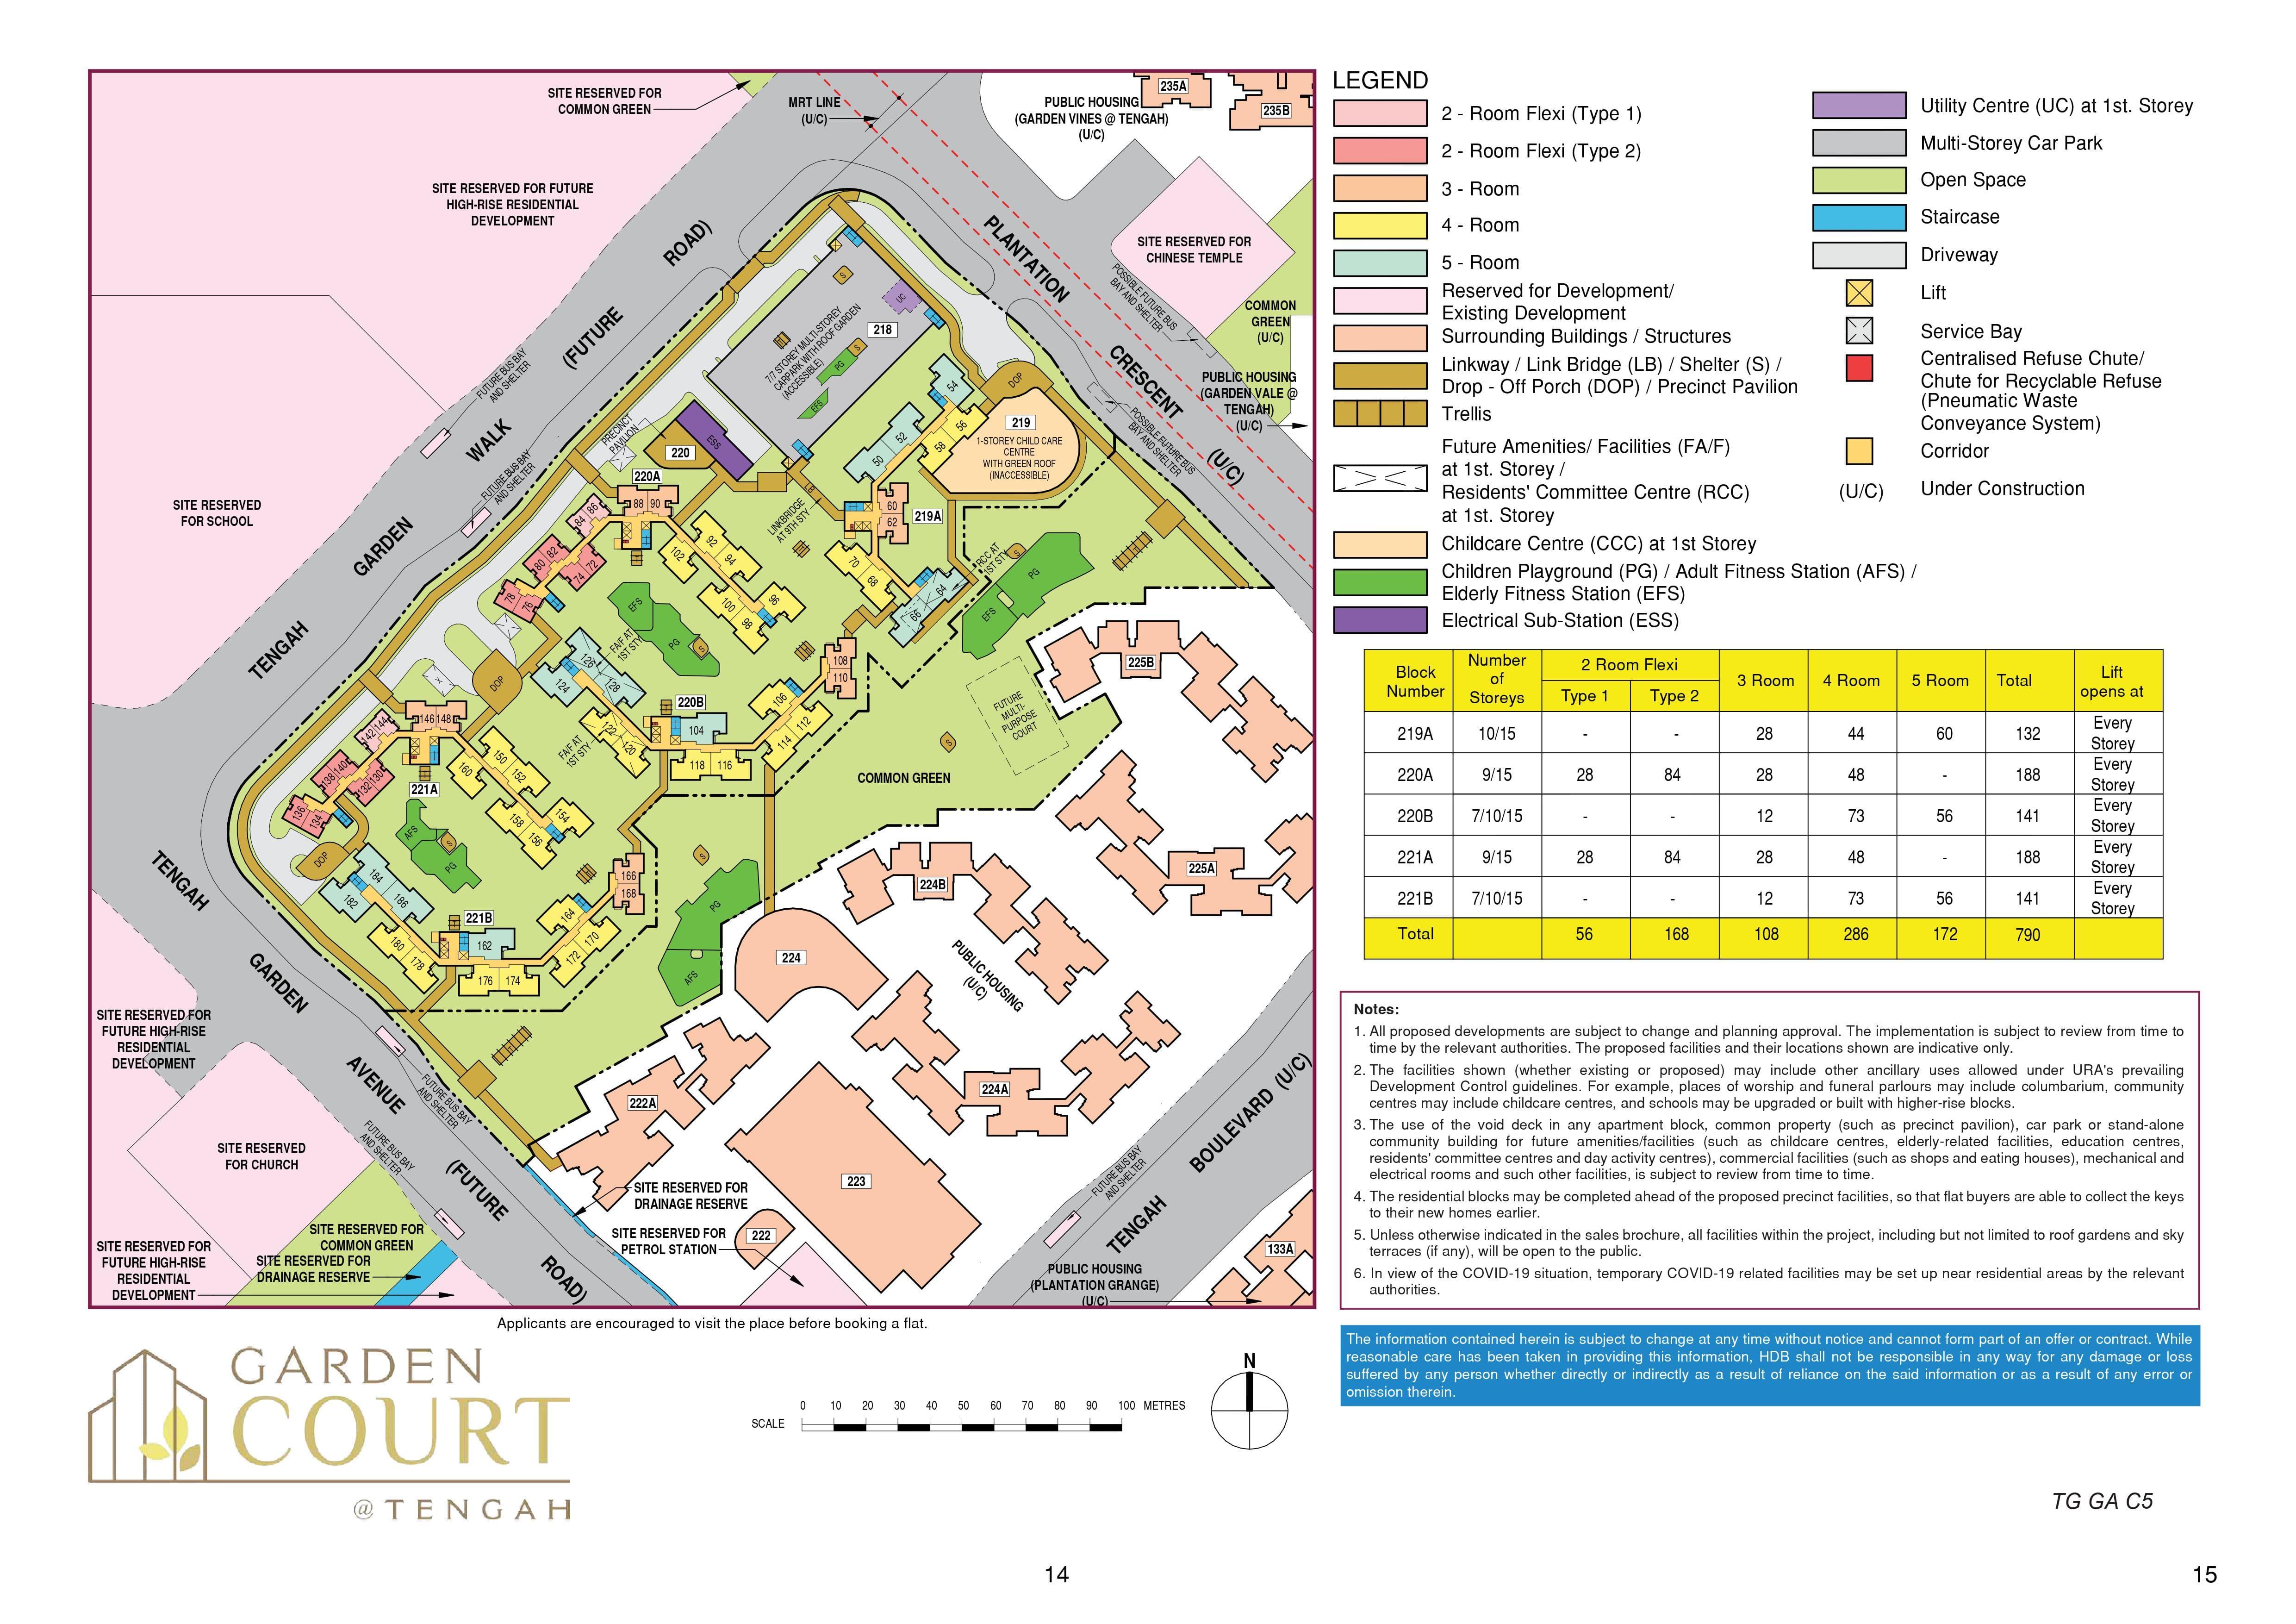 Garden Court @ Tengah Site Plan